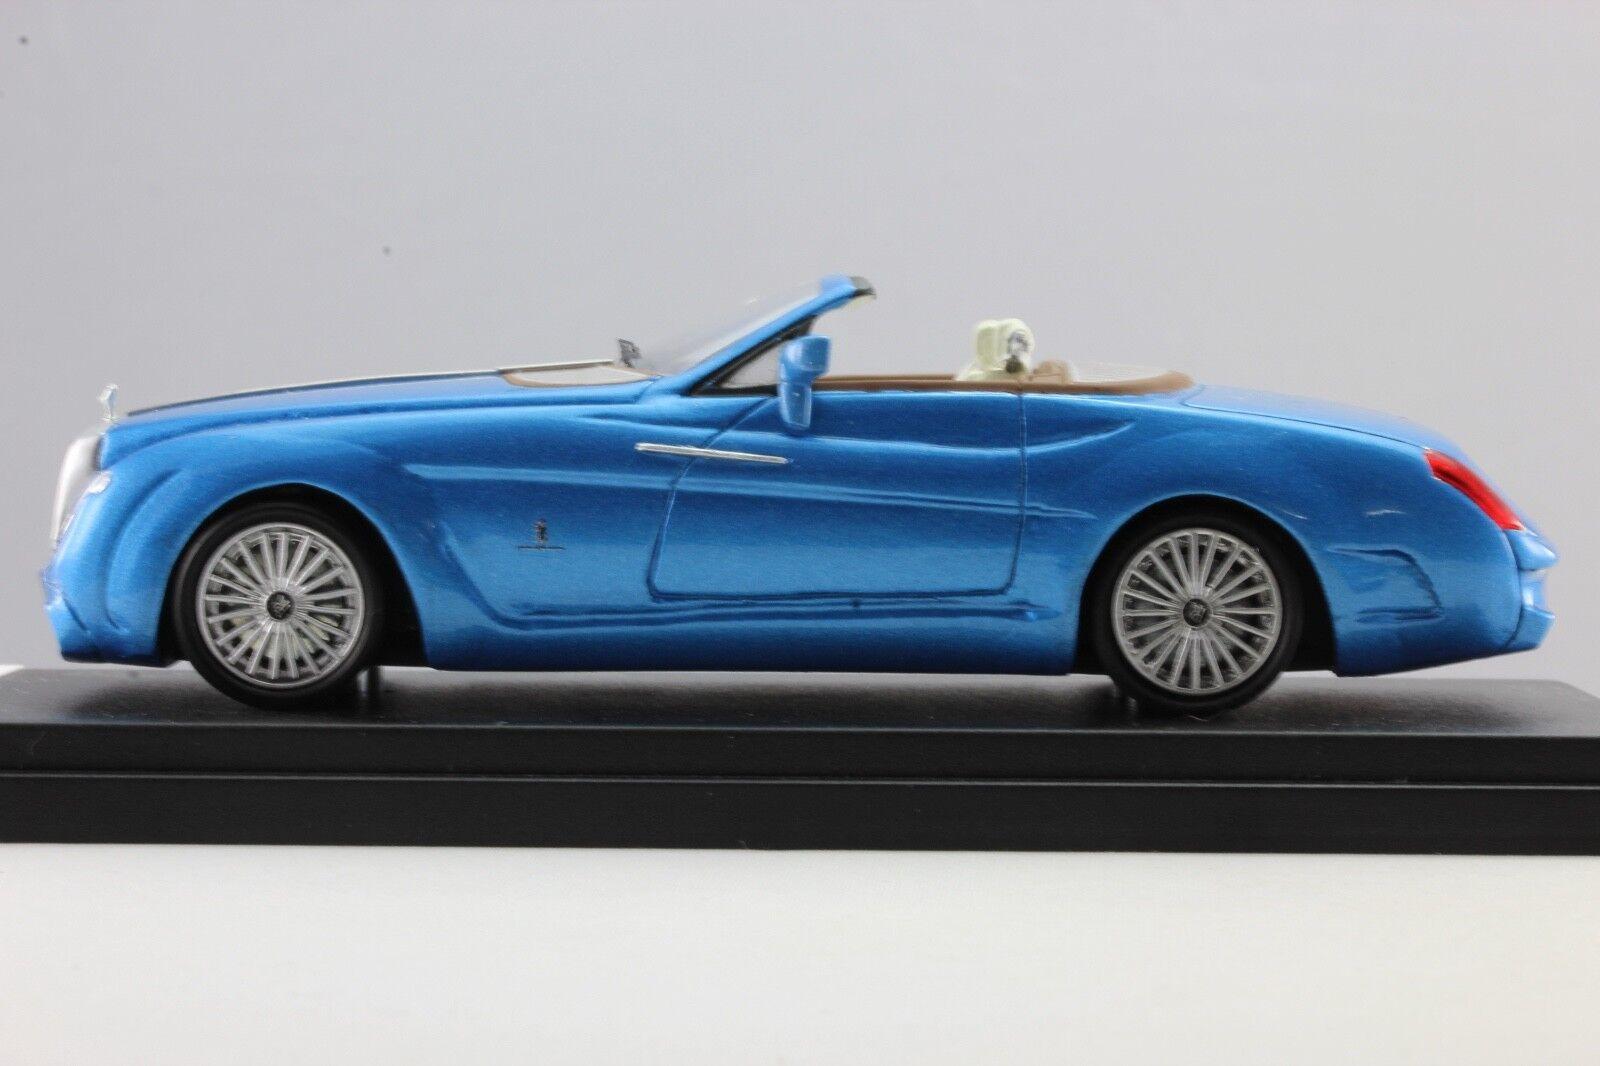 Rolls Royce Hyperion Hyperion Hyperion 2008 positions 1:43 Yow MODELLINI 38 last model car! | Finement Traité  | Fiable Réputation  | Une Grande Variété De Modèles  d7aadb